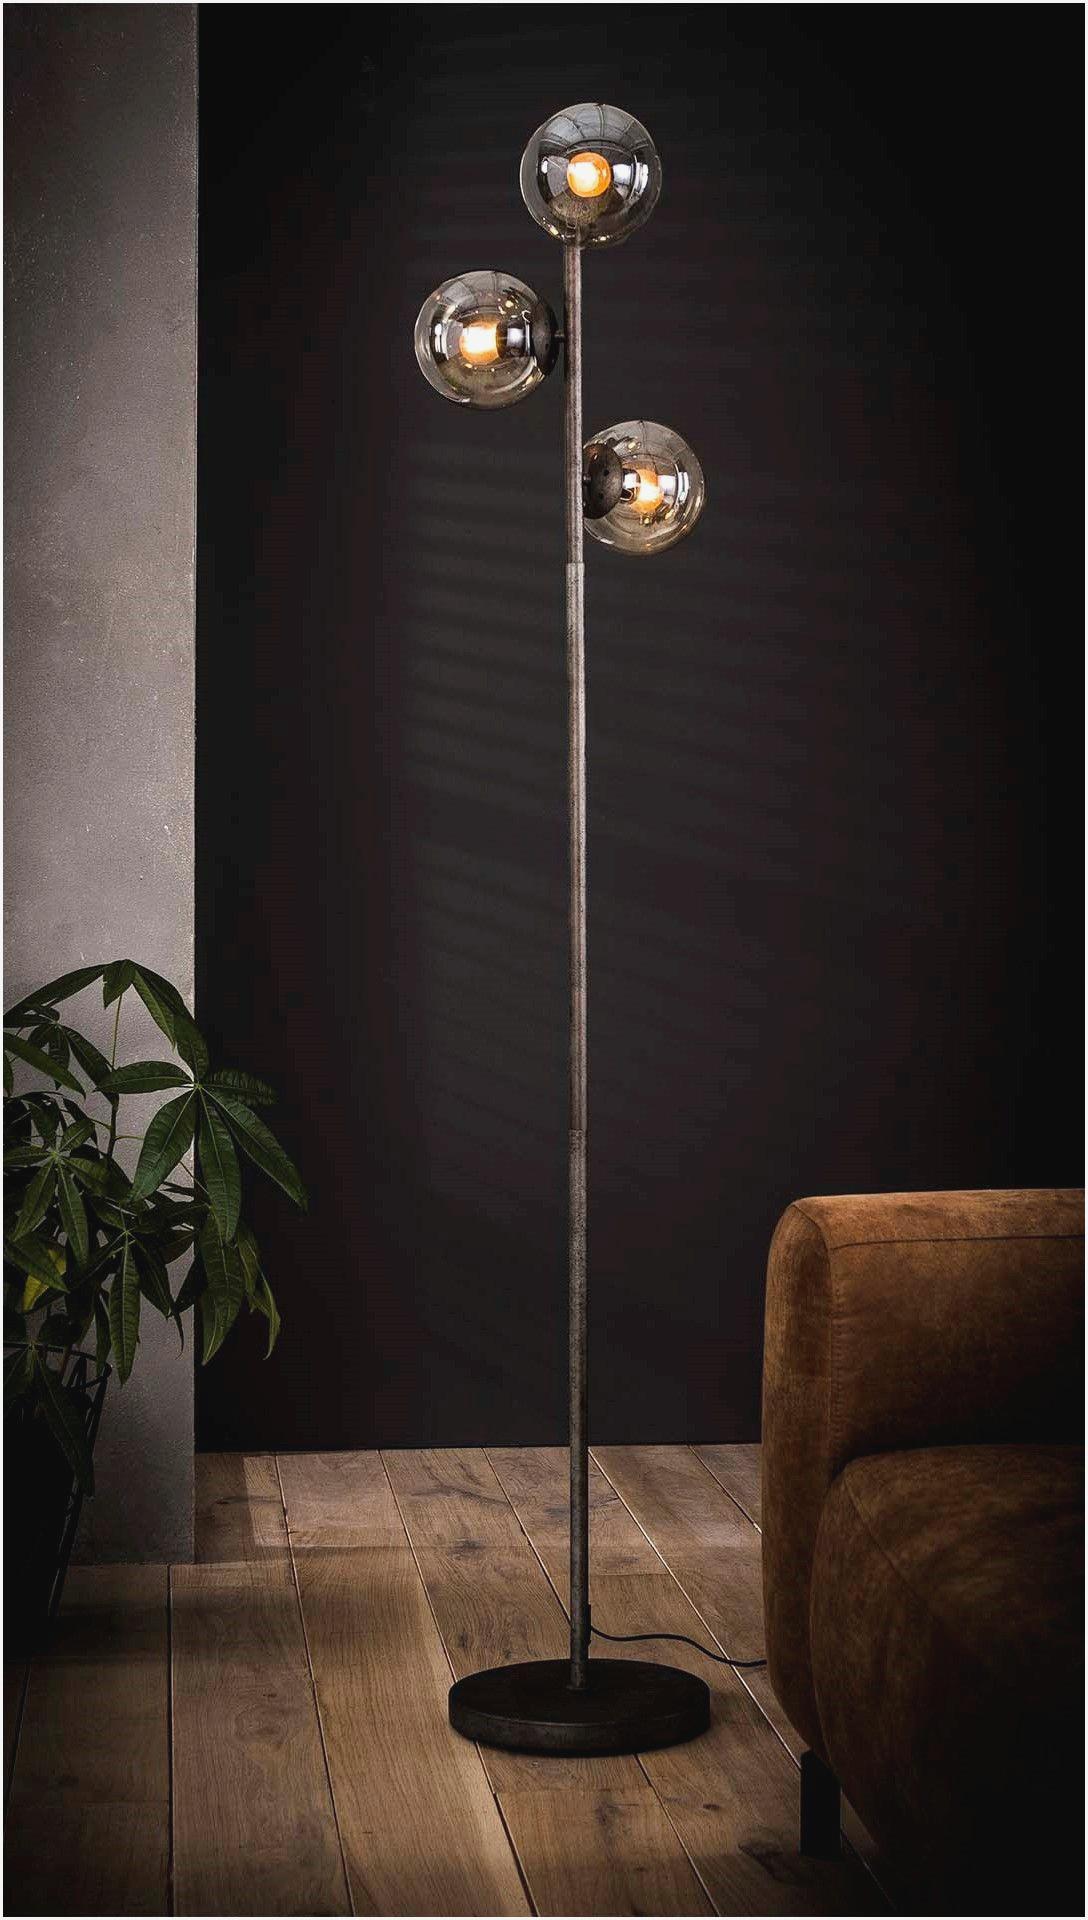 Full Size of Wohnzimmer Stehlampe Stehleuchte Led Ikea Stehlampen Holz Poco Dimmbar Modern Teppiche Relaxliege Deckenleuchte Kamin Bilder Xxl Tischlampe Wandbilder Wohnzimmer Wohnzimmer Stehlampe